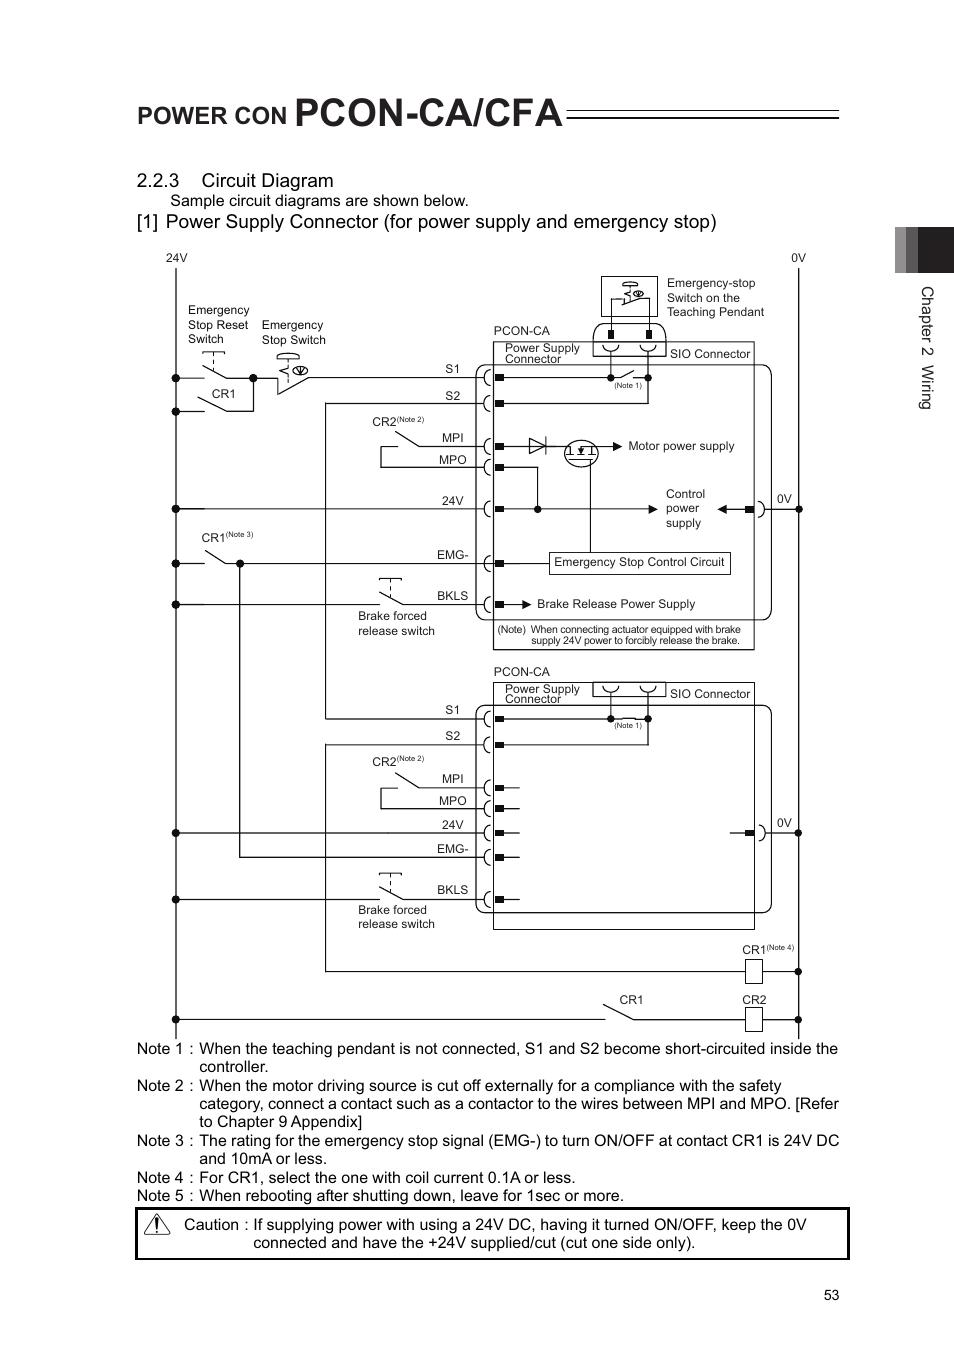 Pcon Ca Cfa Power Con 3 Circuit Diagram Iai America User Pc Supply Wiring Manual Page 61 296